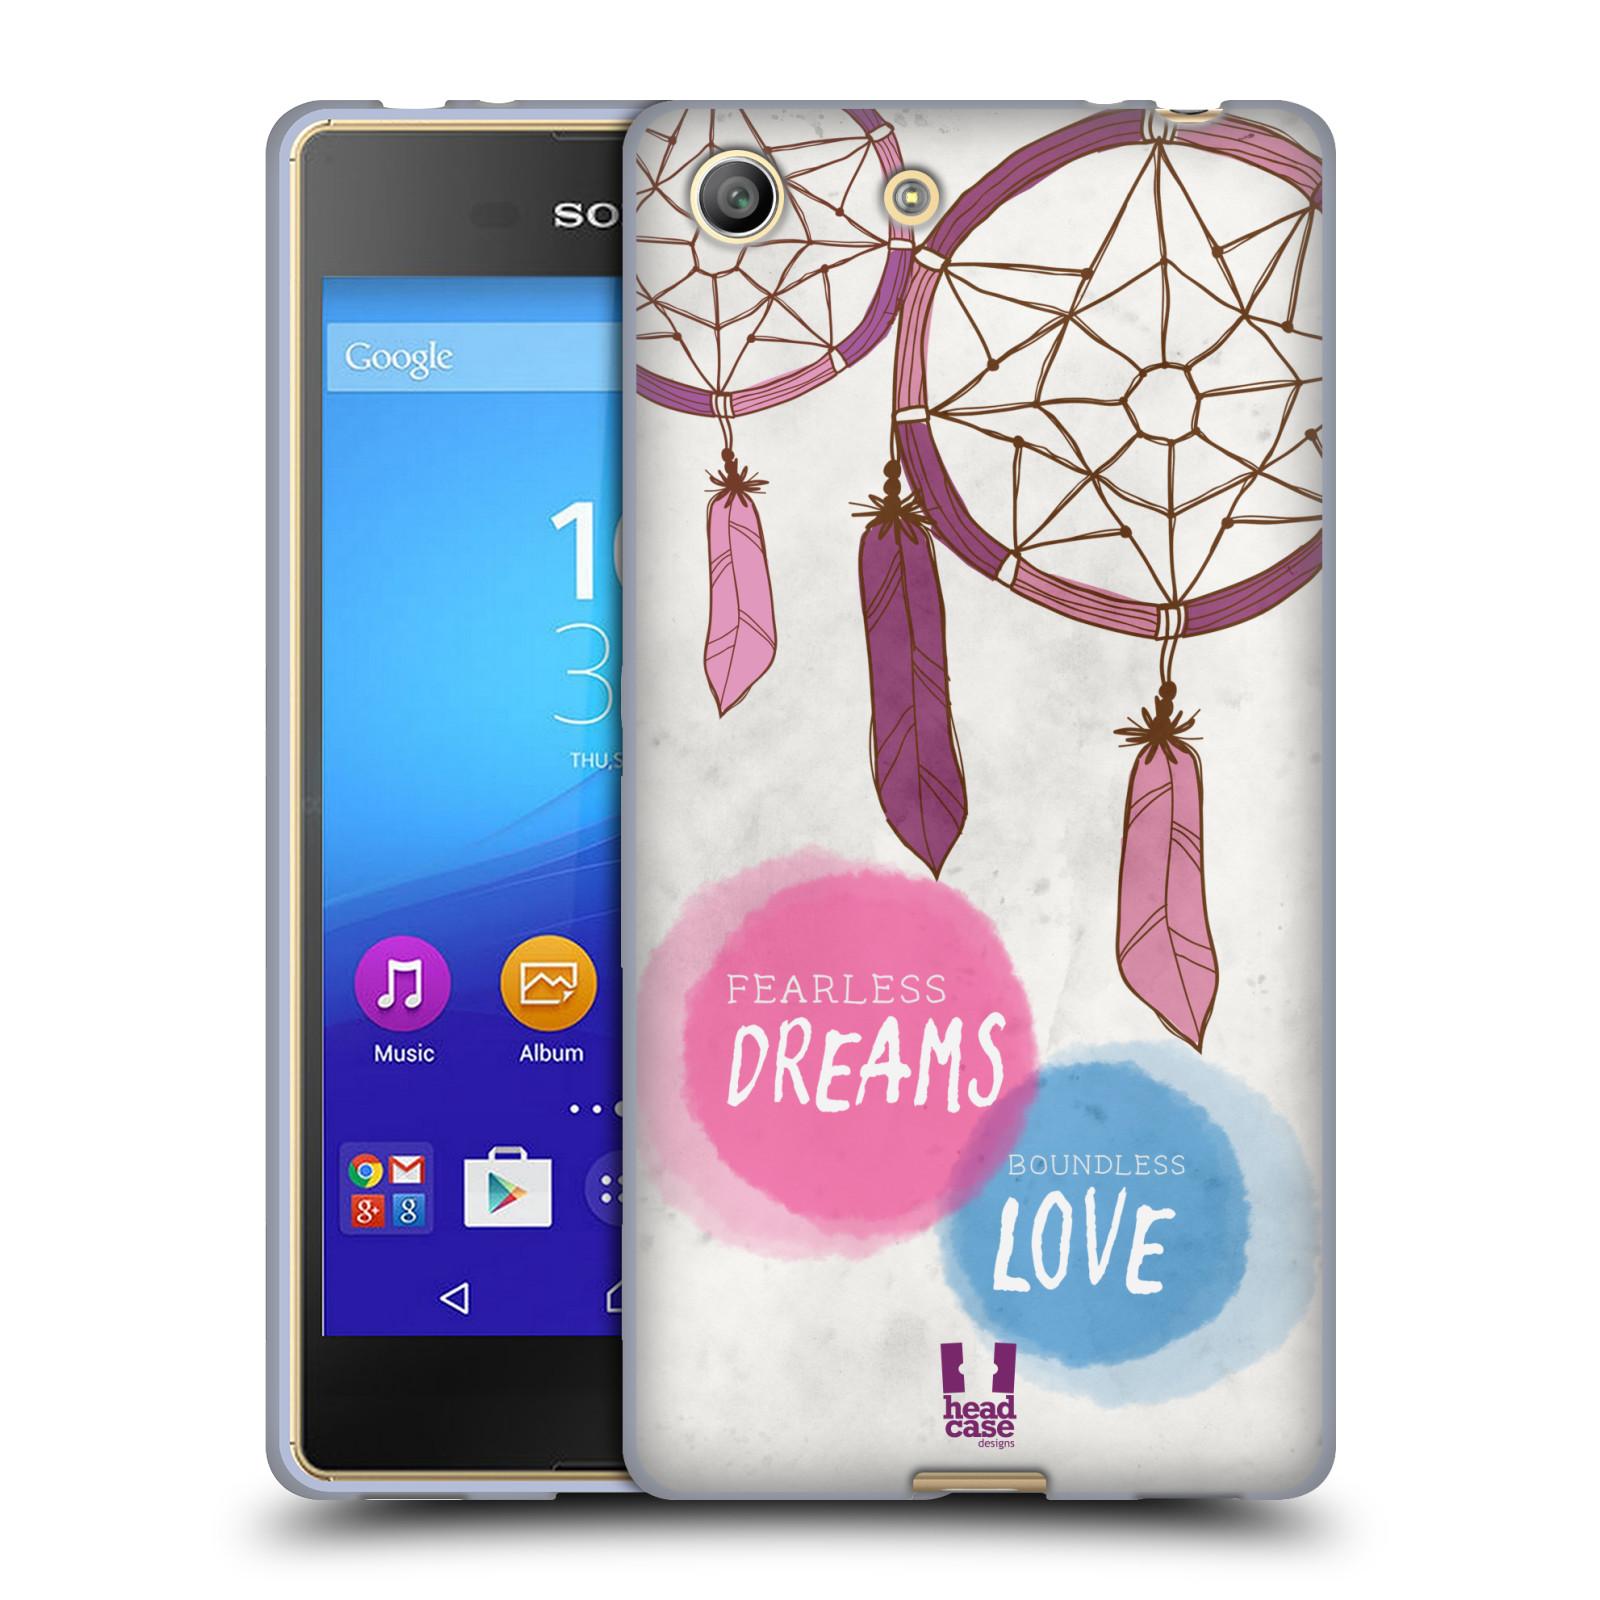 Silikonové pouzdro na mobil Sony Xperia M5 HEAD CASE LAPAČ FEARLESS (Silikonový kryt či obal na mobilní telefon Sony Xperia M5 Dual SIM / Aqua)